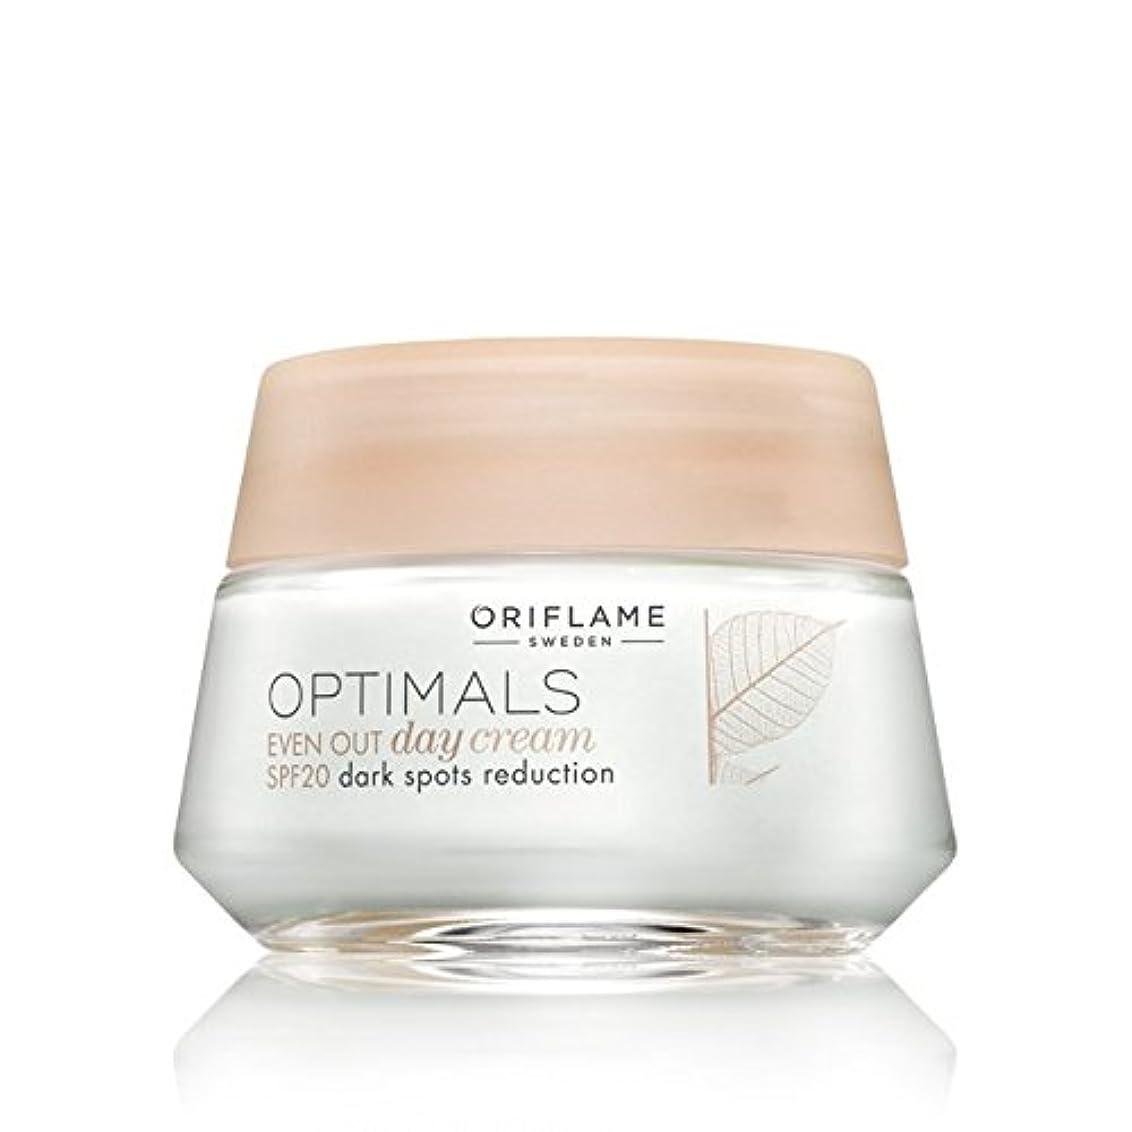 ブランド名貧しいジュースOriflame Optimals SPF 20 Dark Spot Reduction Even Out Day Cream, 50ml